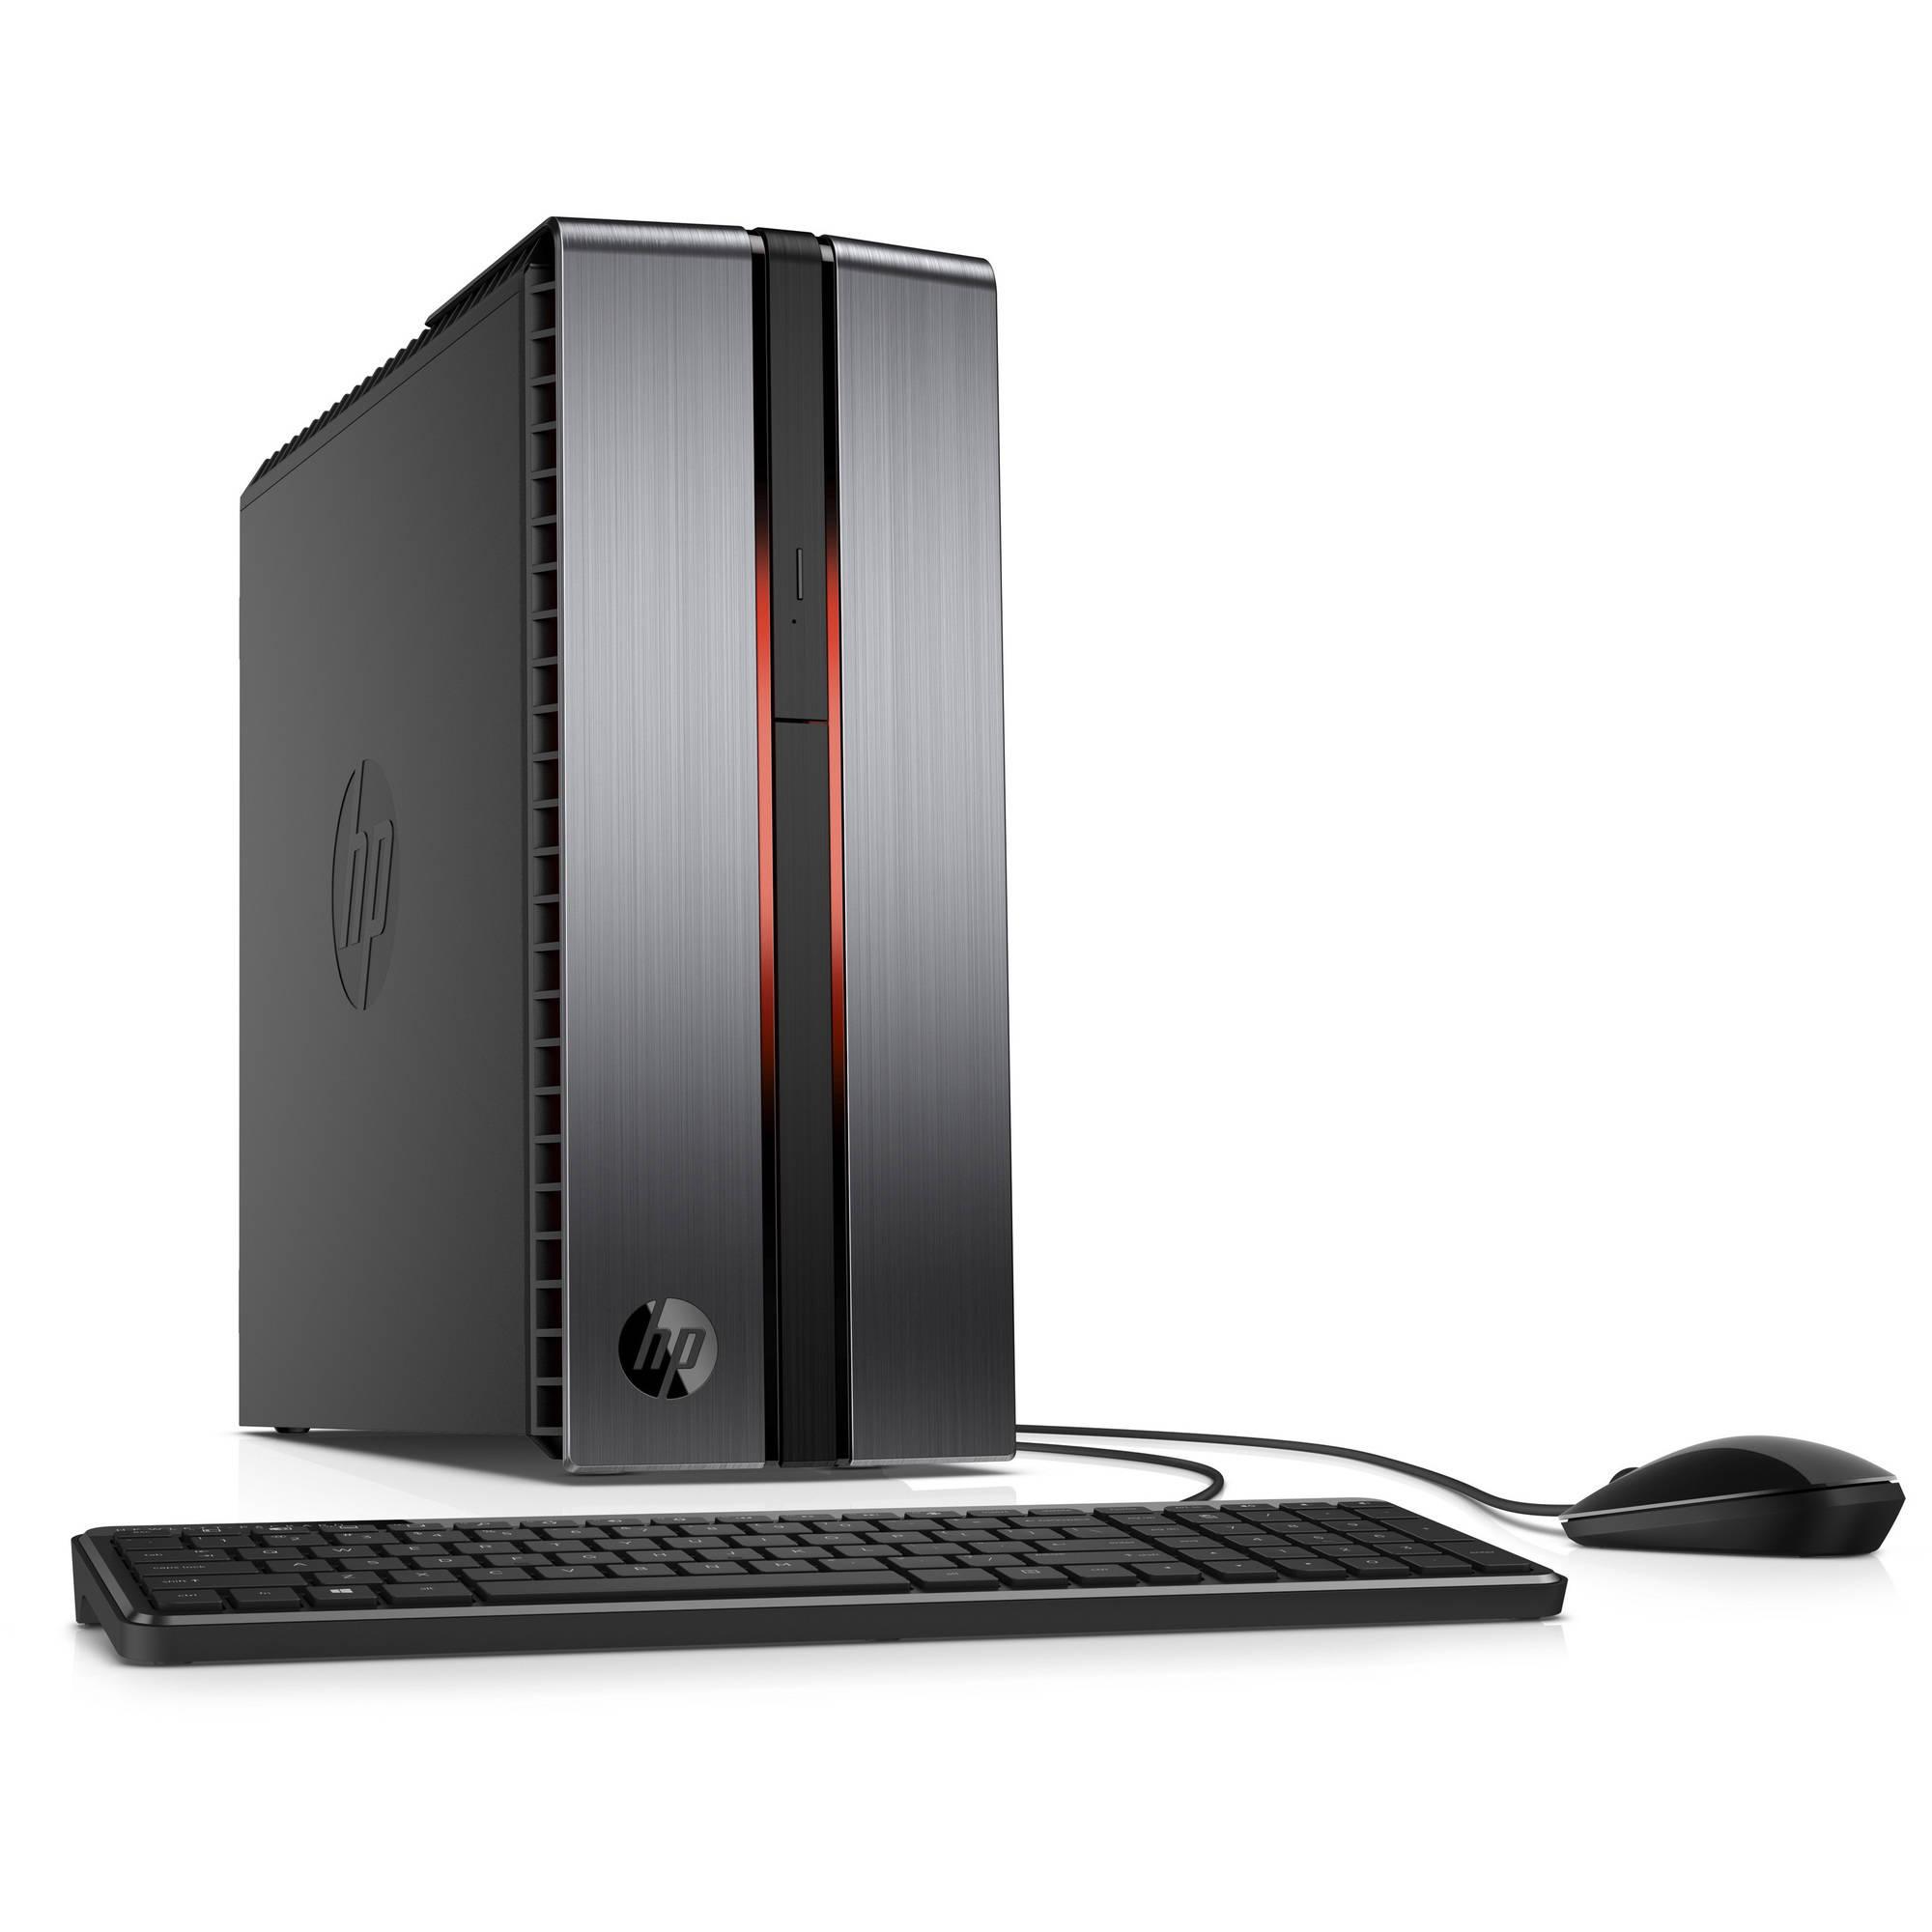 HP Envy Phoenix 860-030 Desktop by HP